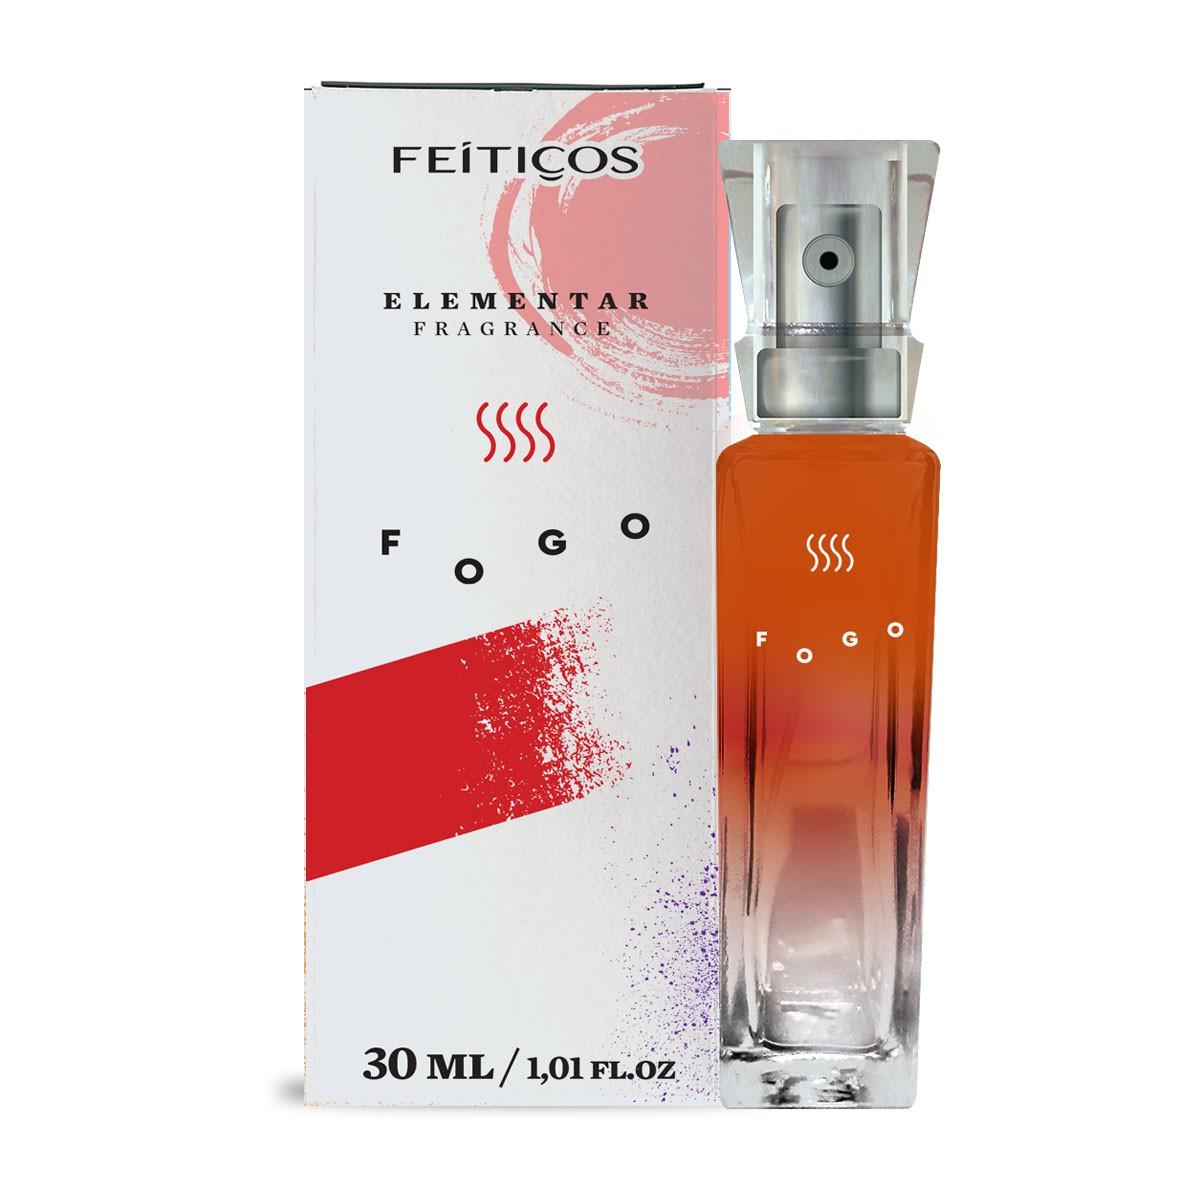 Perfume Elementar dos Signos de Fogo Paixão 30ml